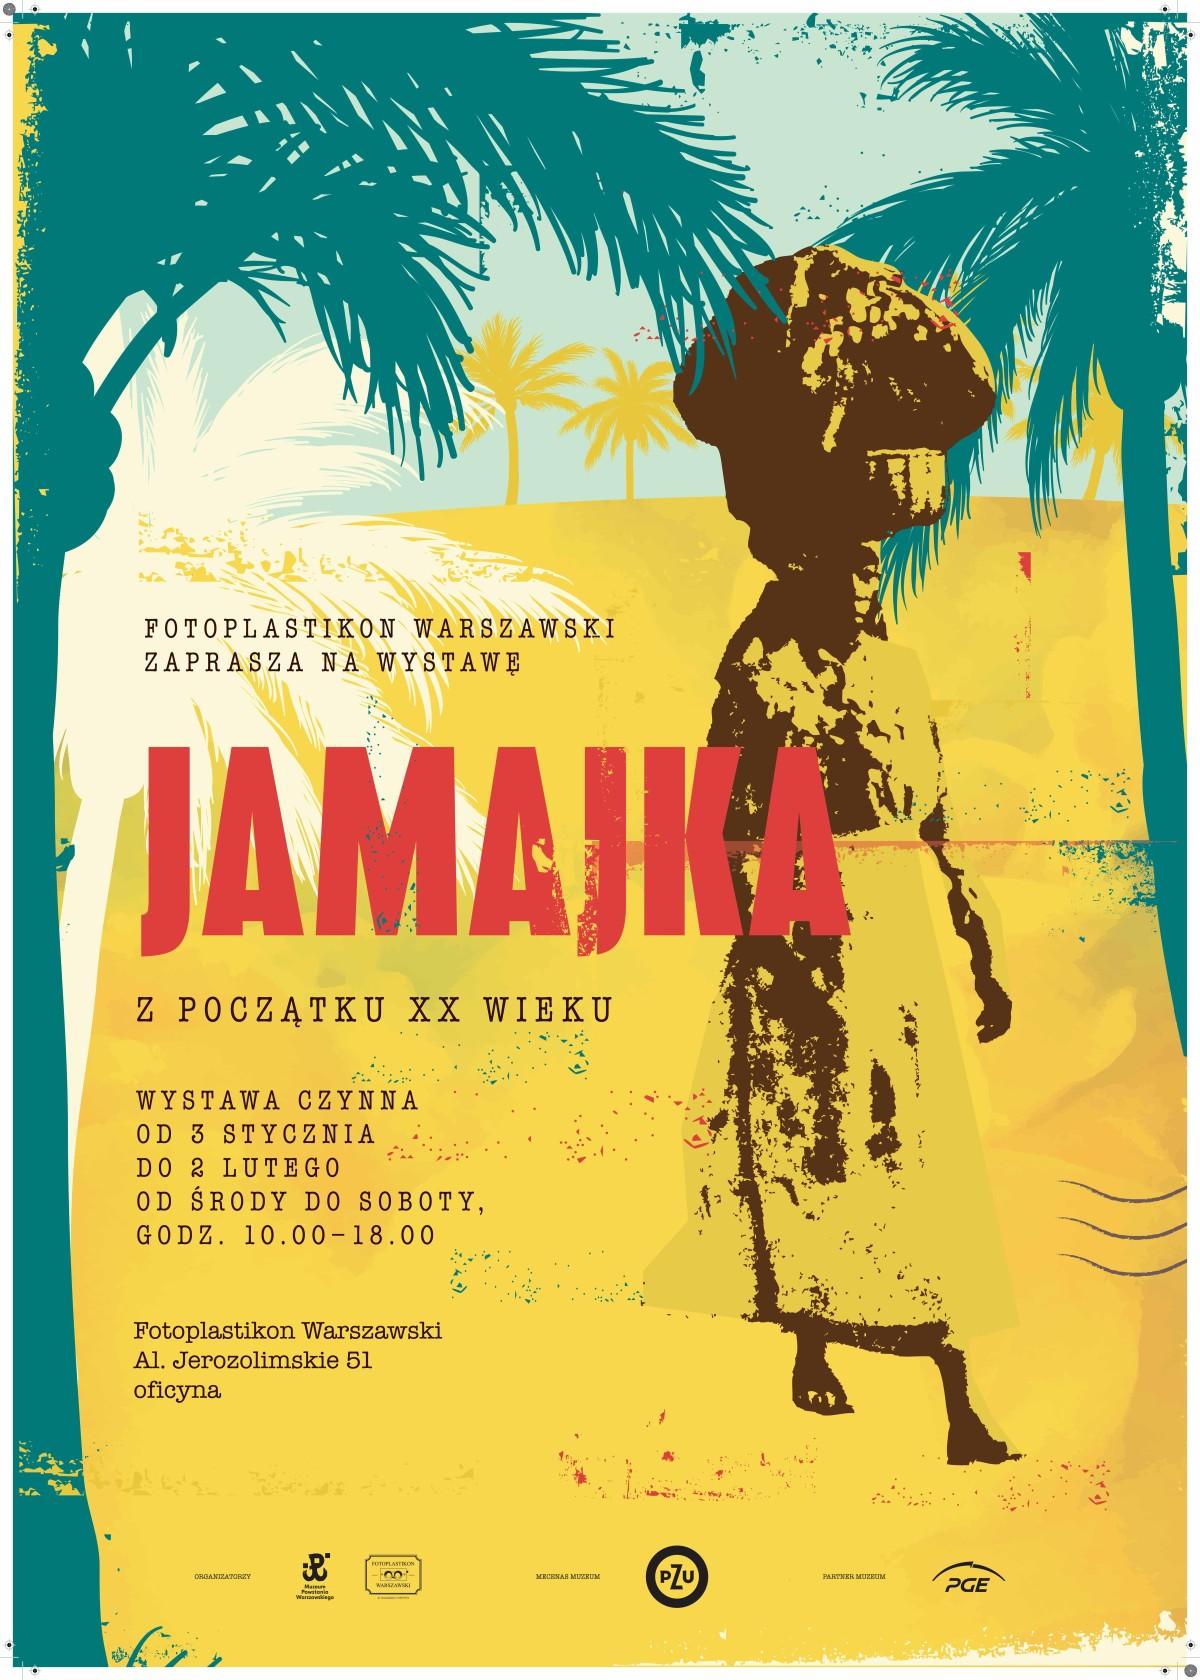 Fotoplastikon-Jamajka-2019-01 A1 DRUK